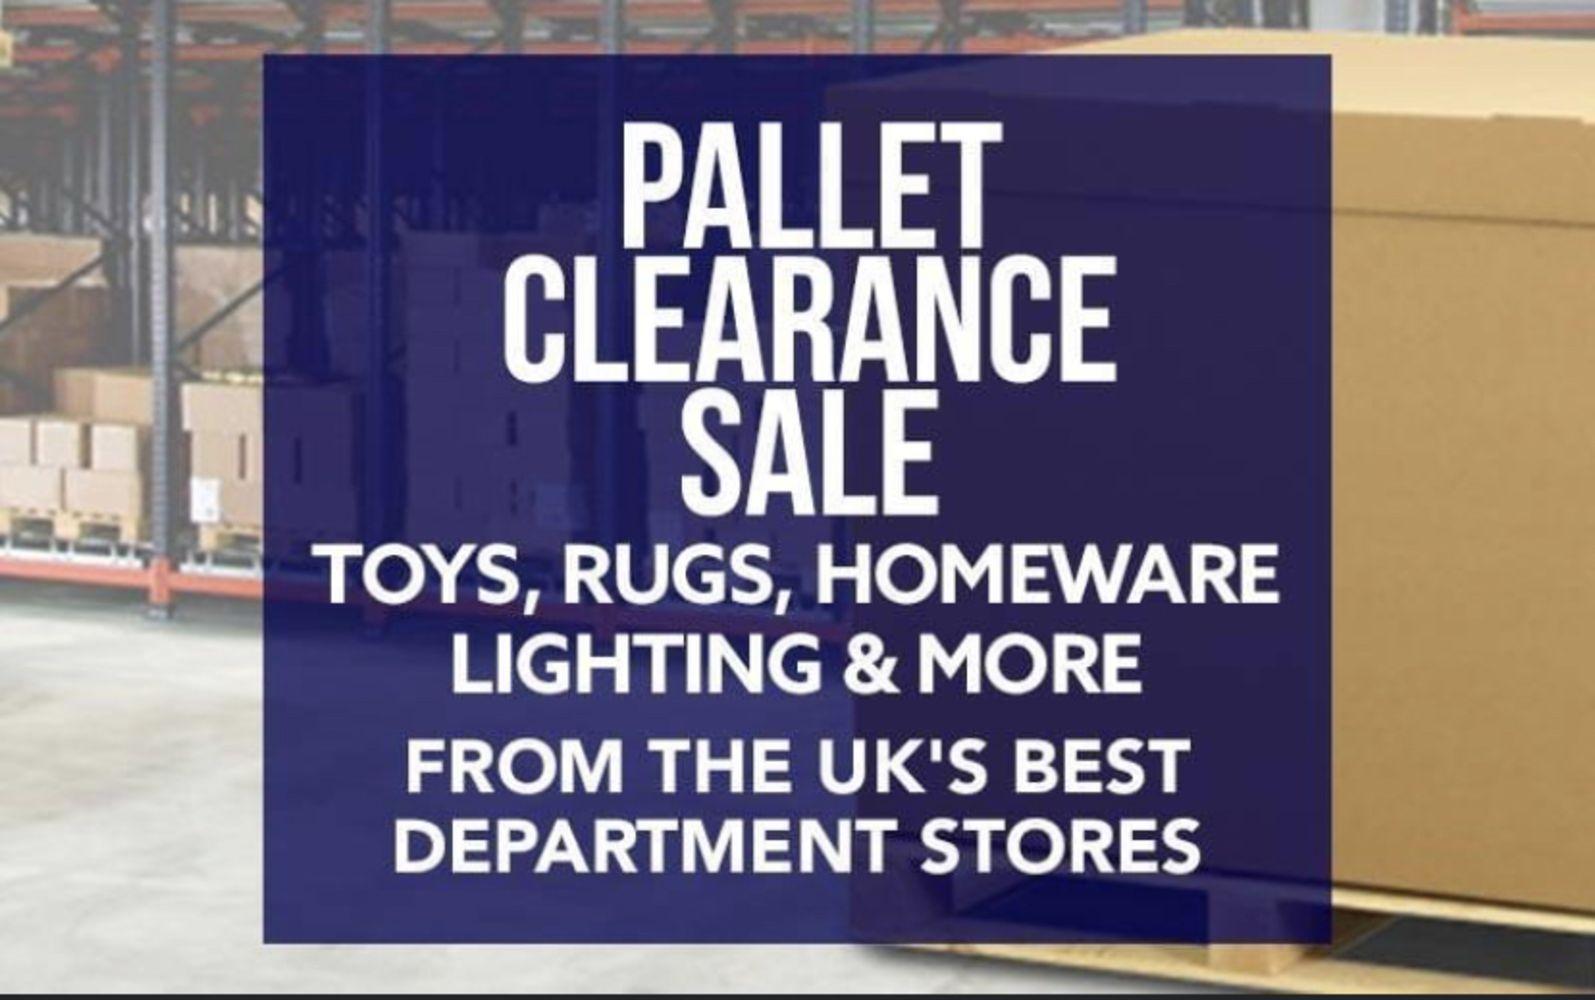 No Reserve - Pallet Clearance Sale! 5th April 2021